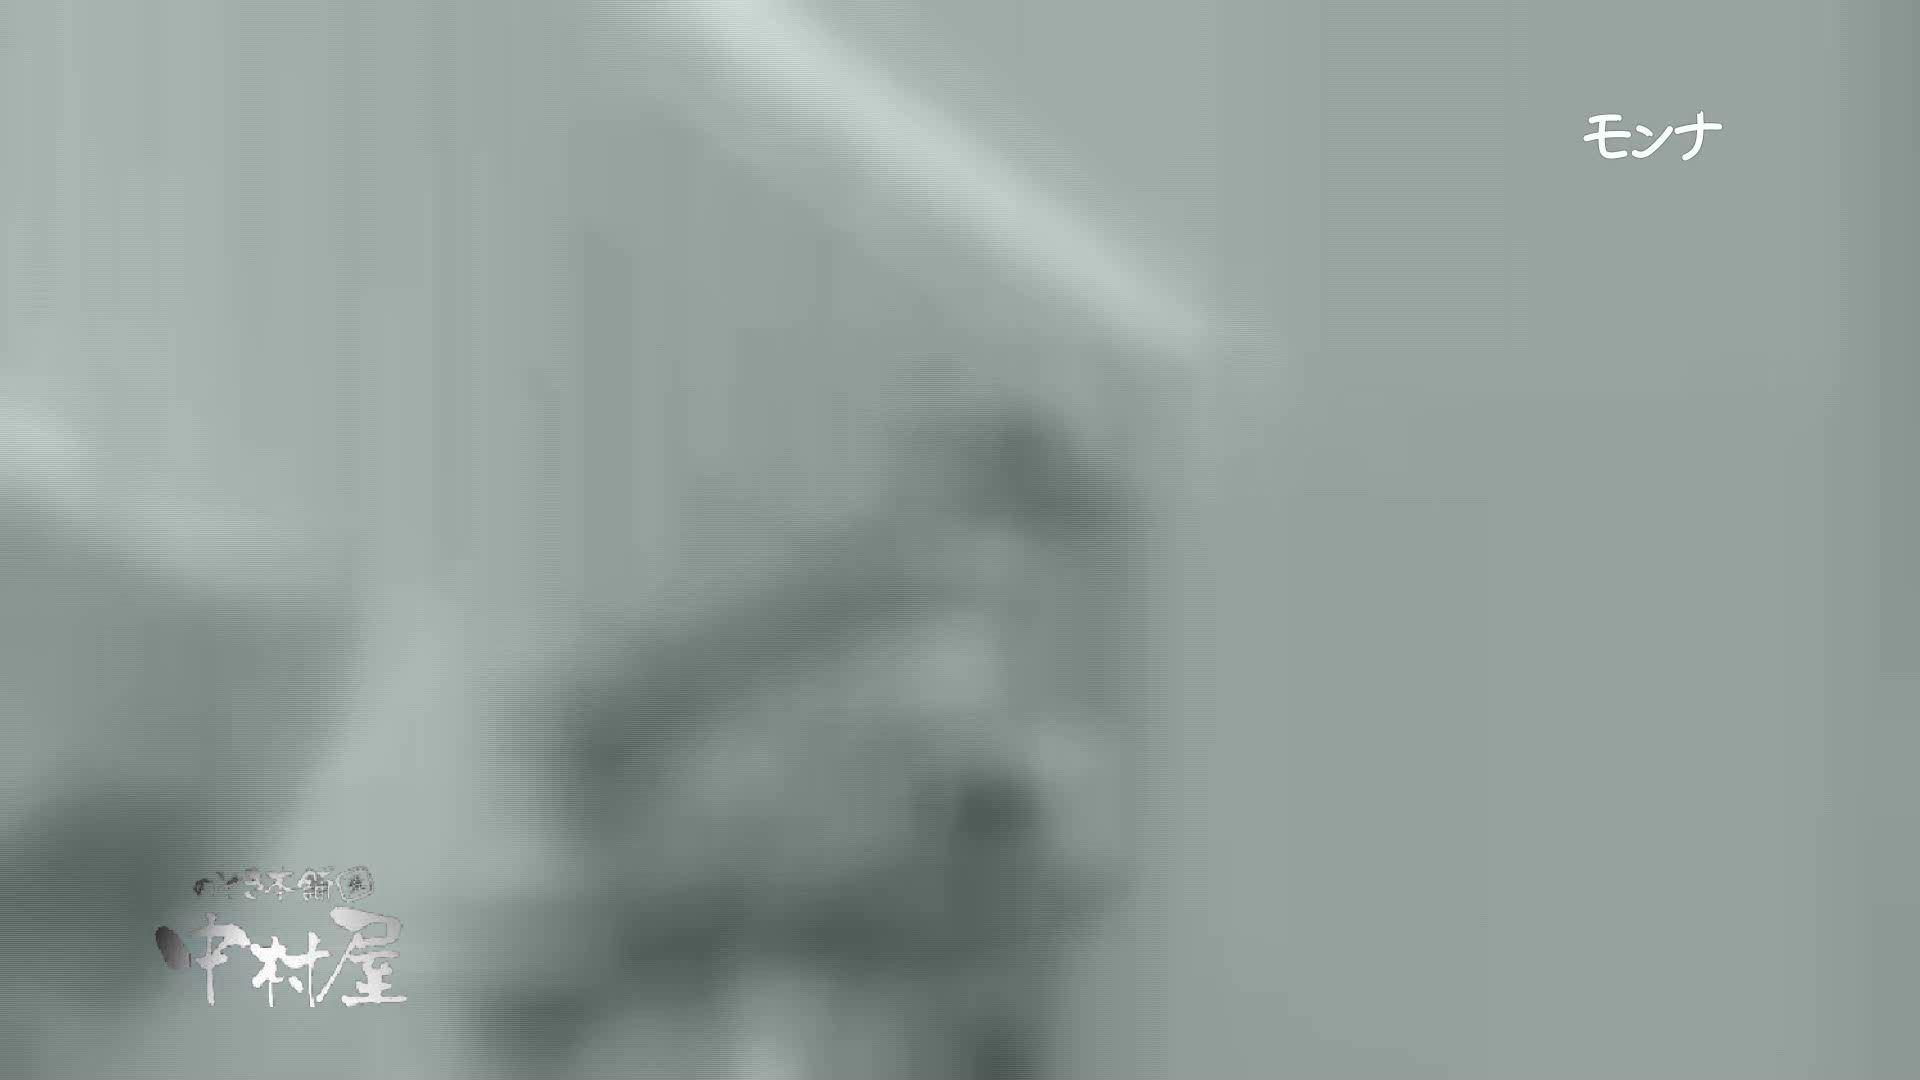 【美しい日本の未来】新学期!!下半身中心に攻めてます美女可愛い女子悪戯盗satuトイレ後編 悪戯 | 下半身  97pic 54